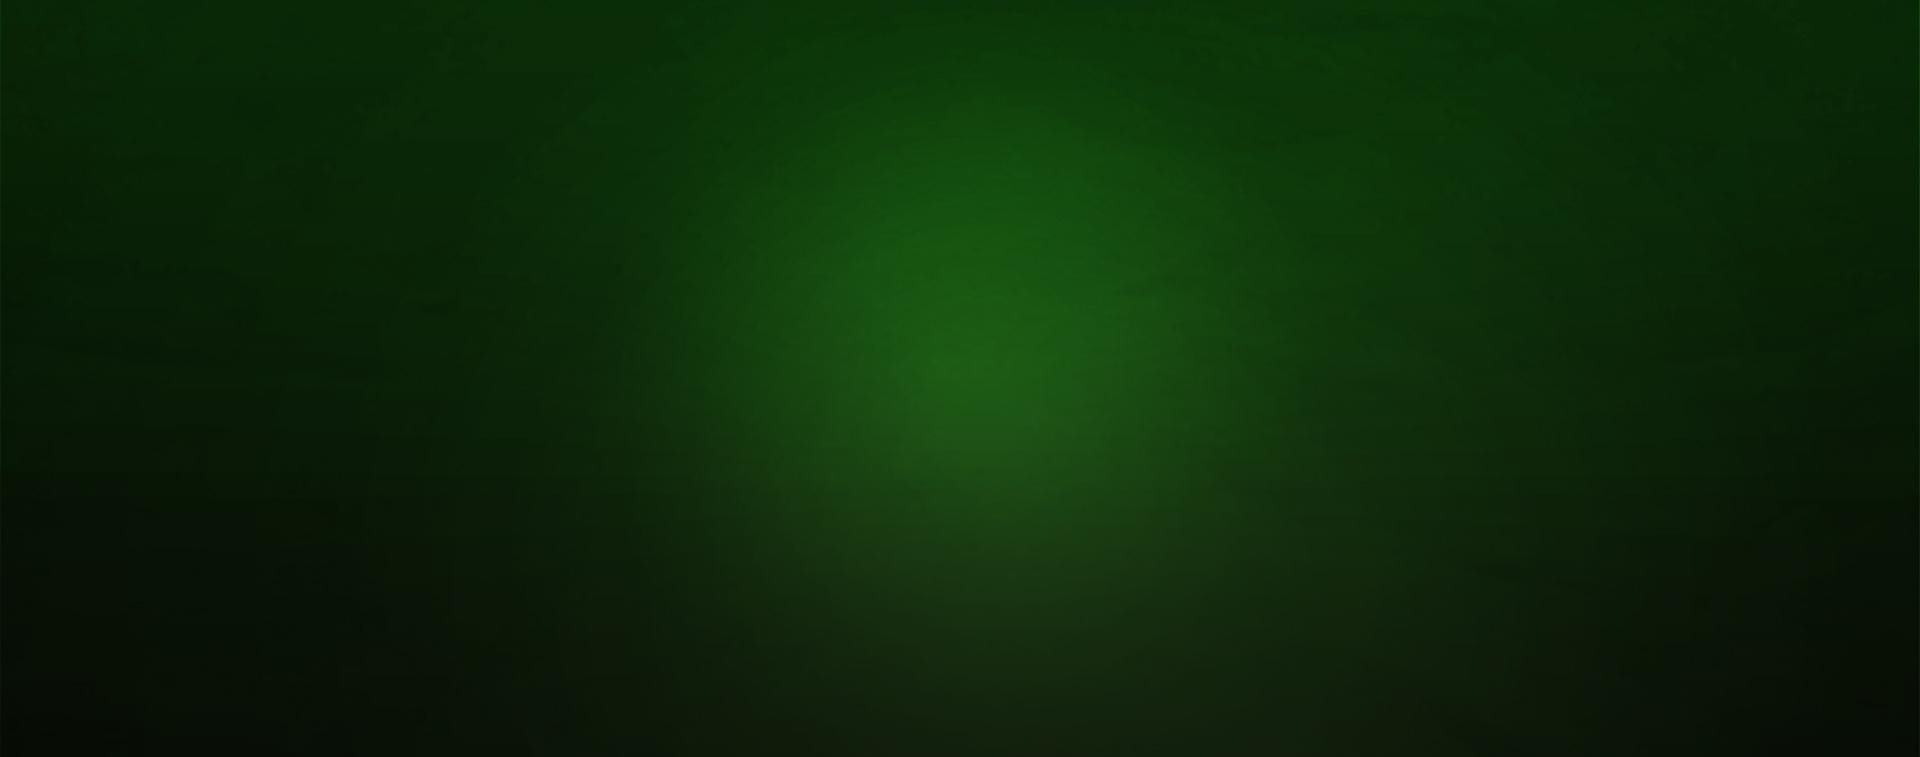 Dark Green Gradient Background, Dark, Green, Gradual ...